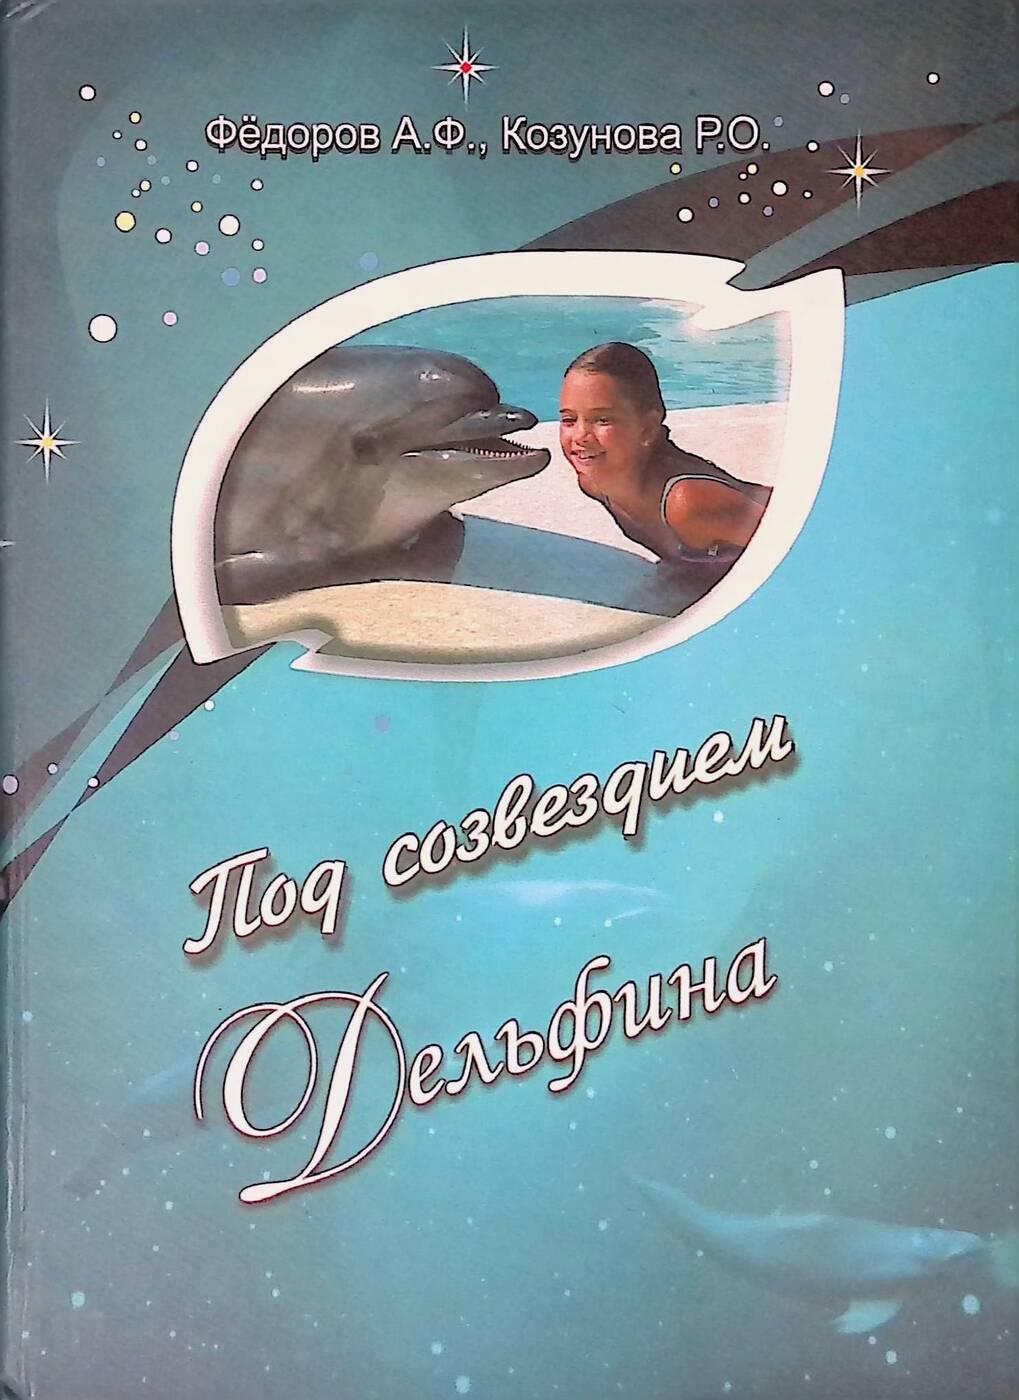 Под созвездием Дельфина